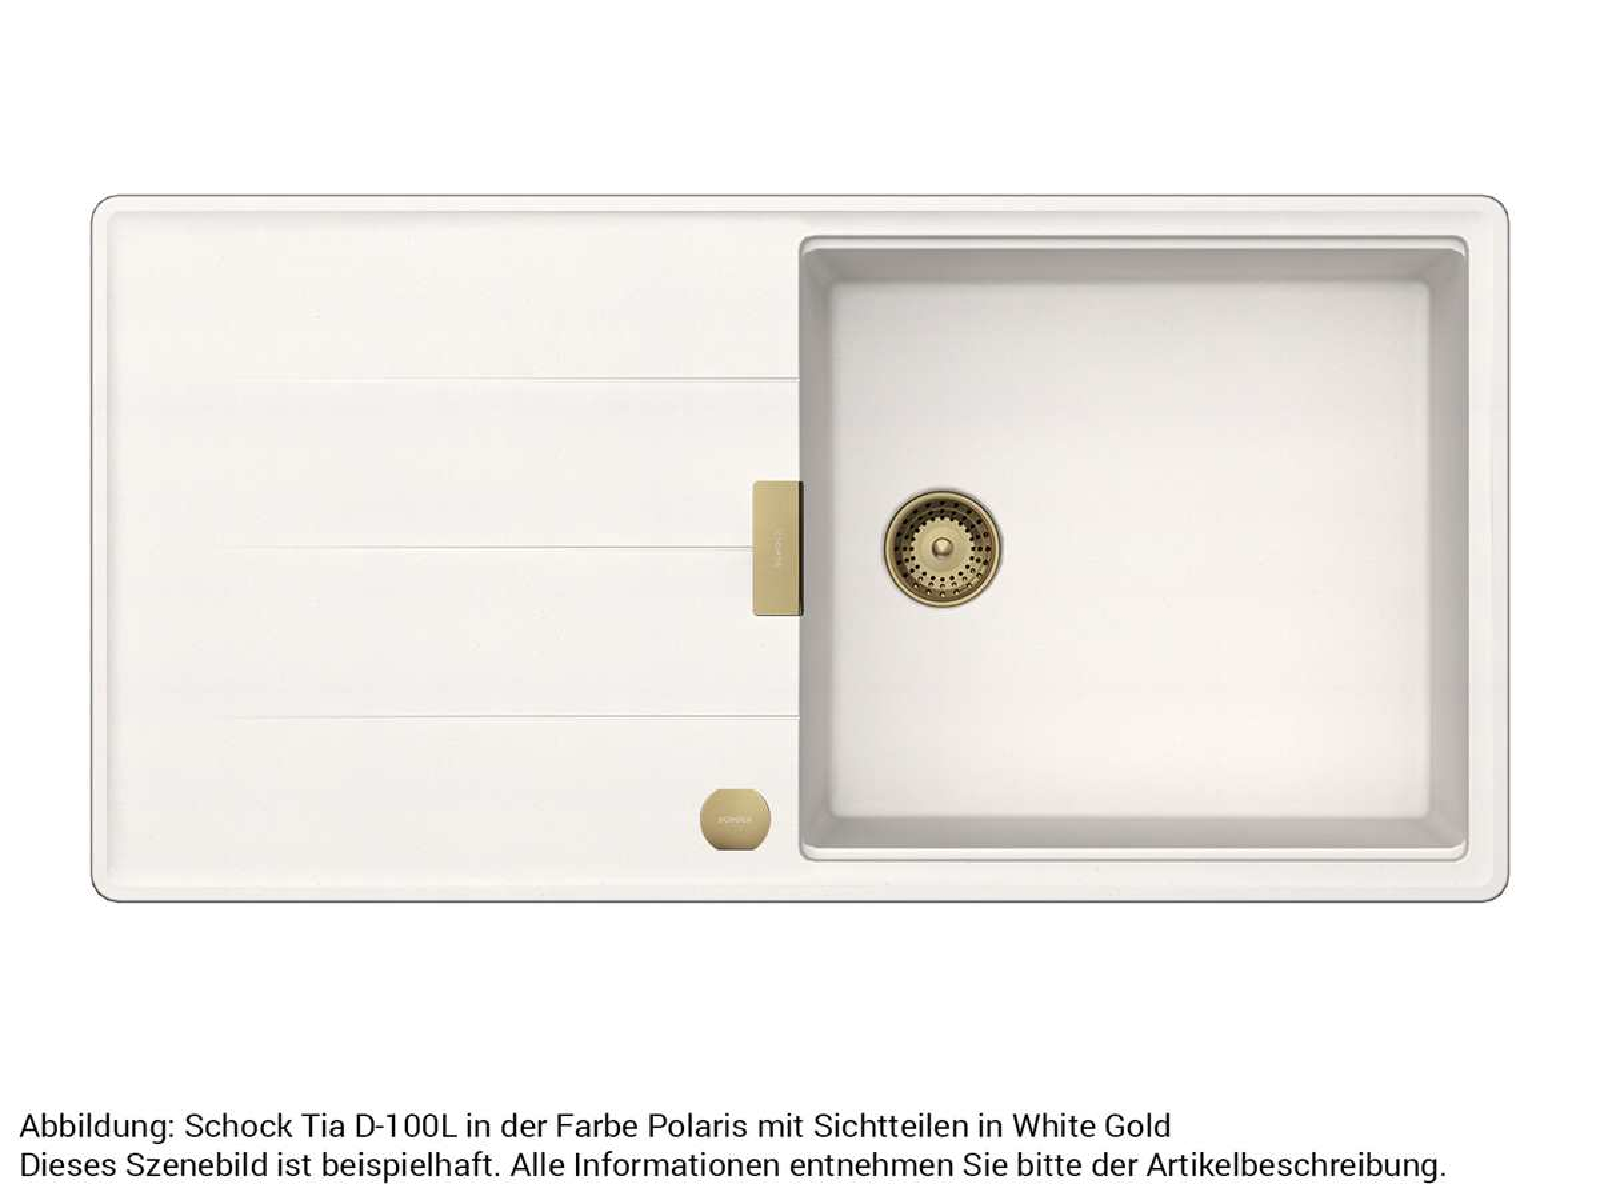 Schock 629675WGO - Sichtteile White Gold